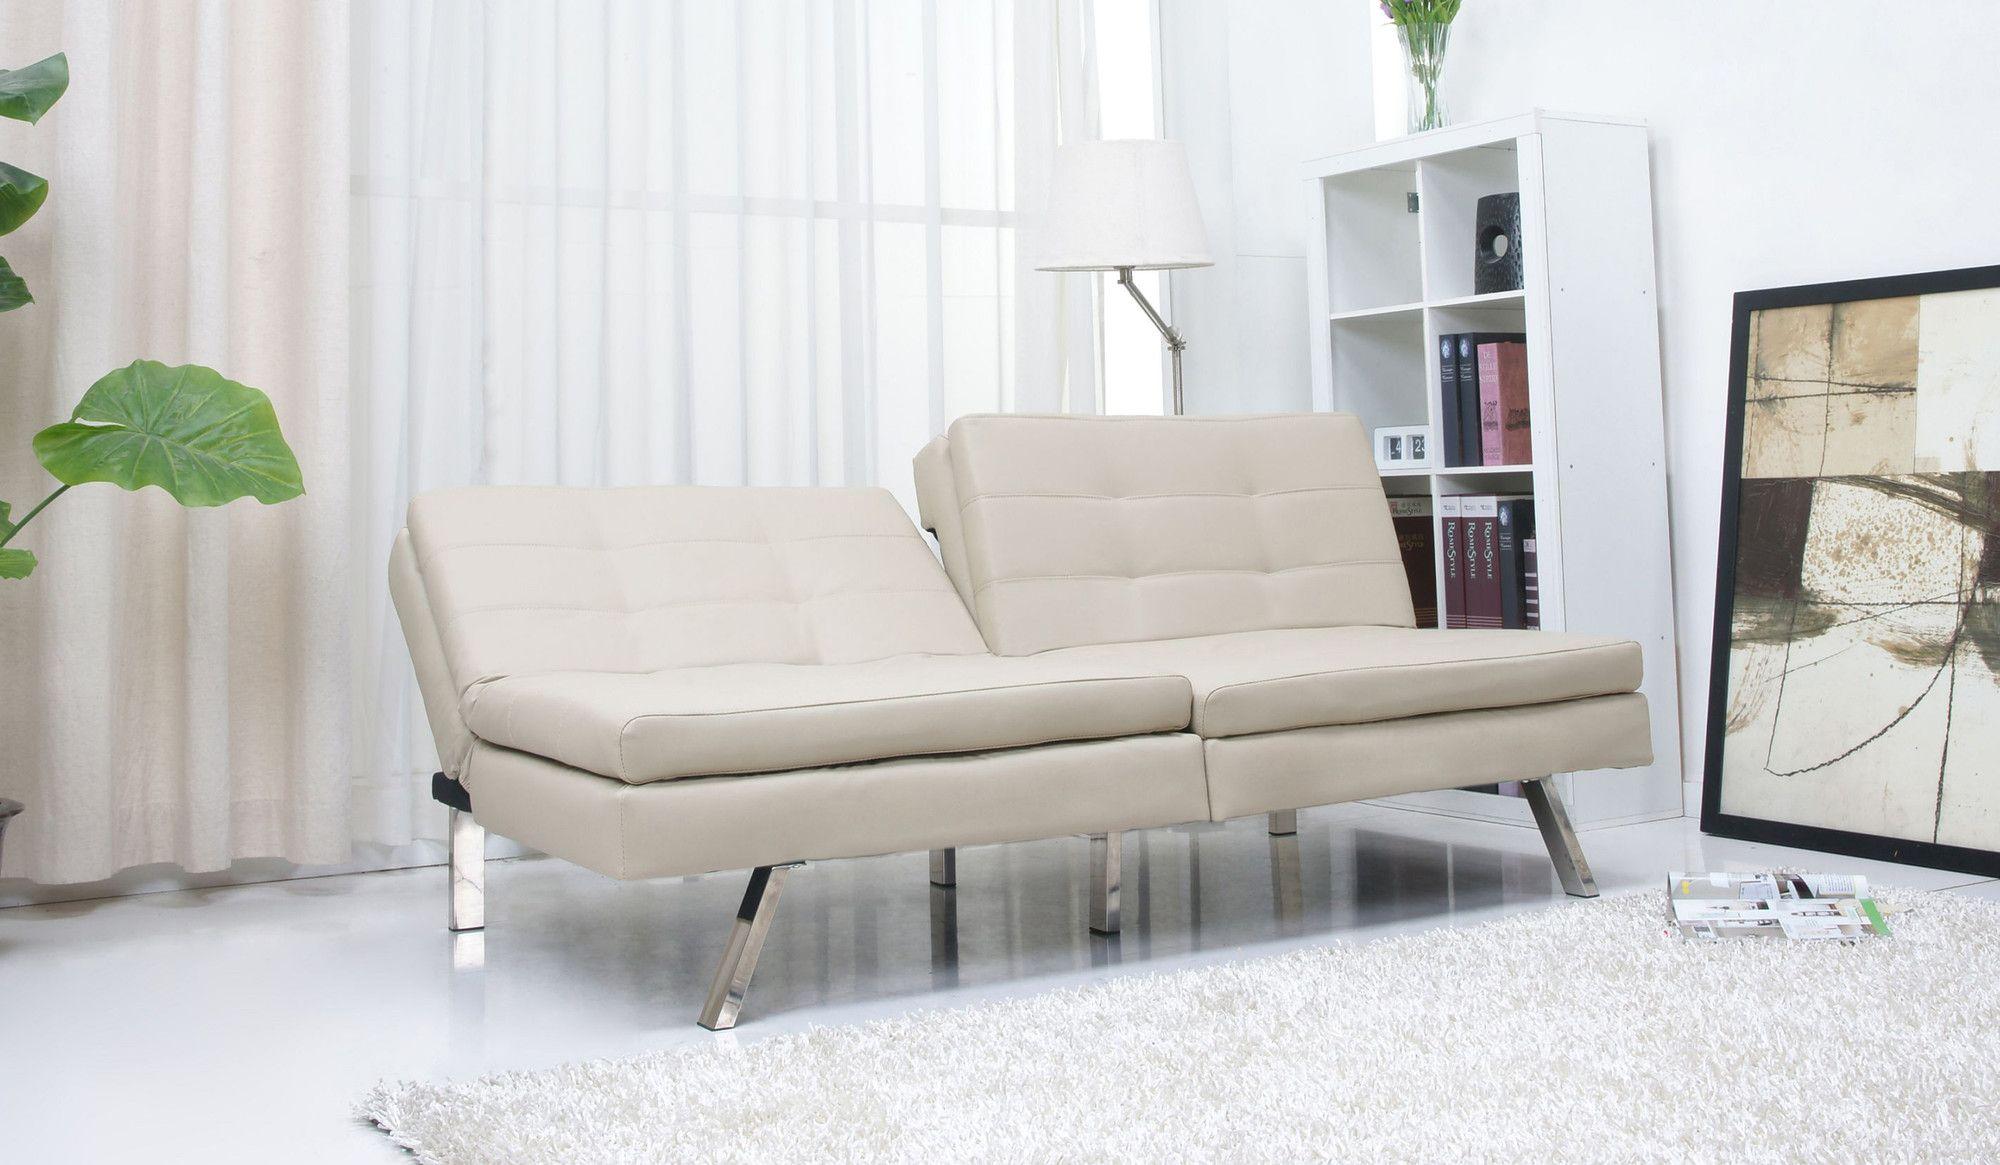 Gold Sparrow Memphis Convertible Sofa AllModern 394